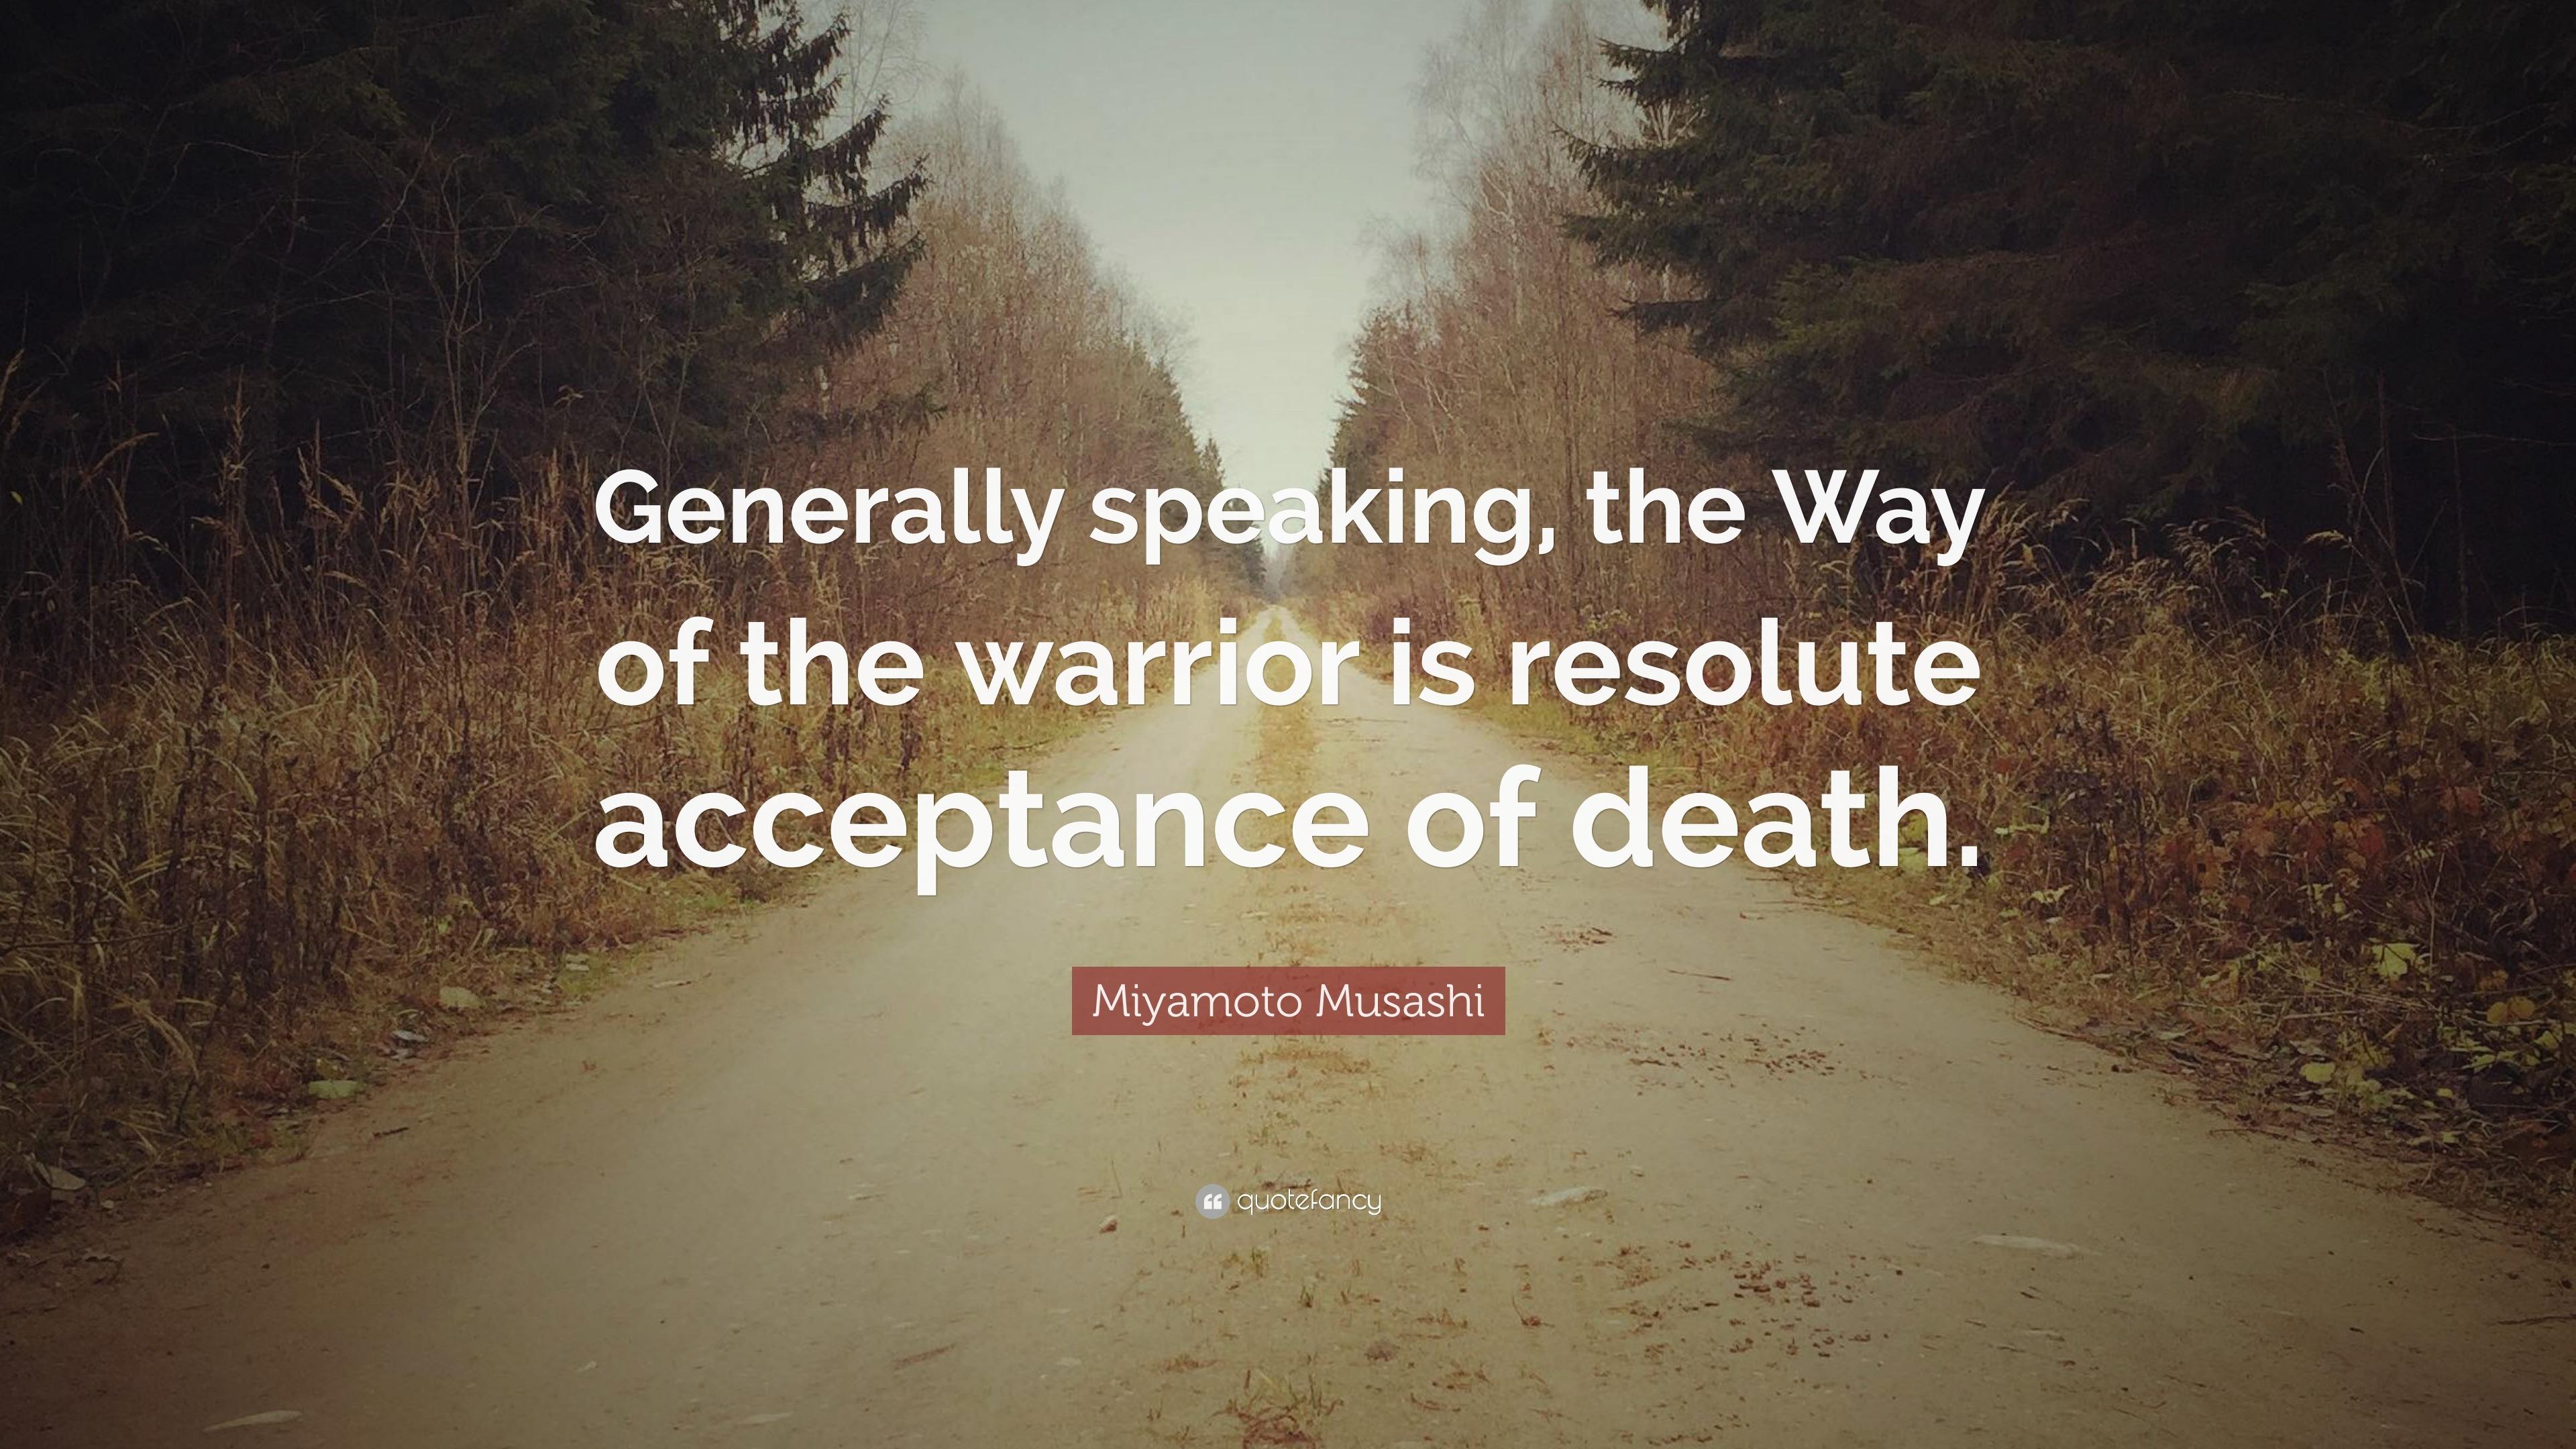 Warrior Zen Quote Wallpaper Miyamoto Musashi Quote Generally Speaking The Way Of